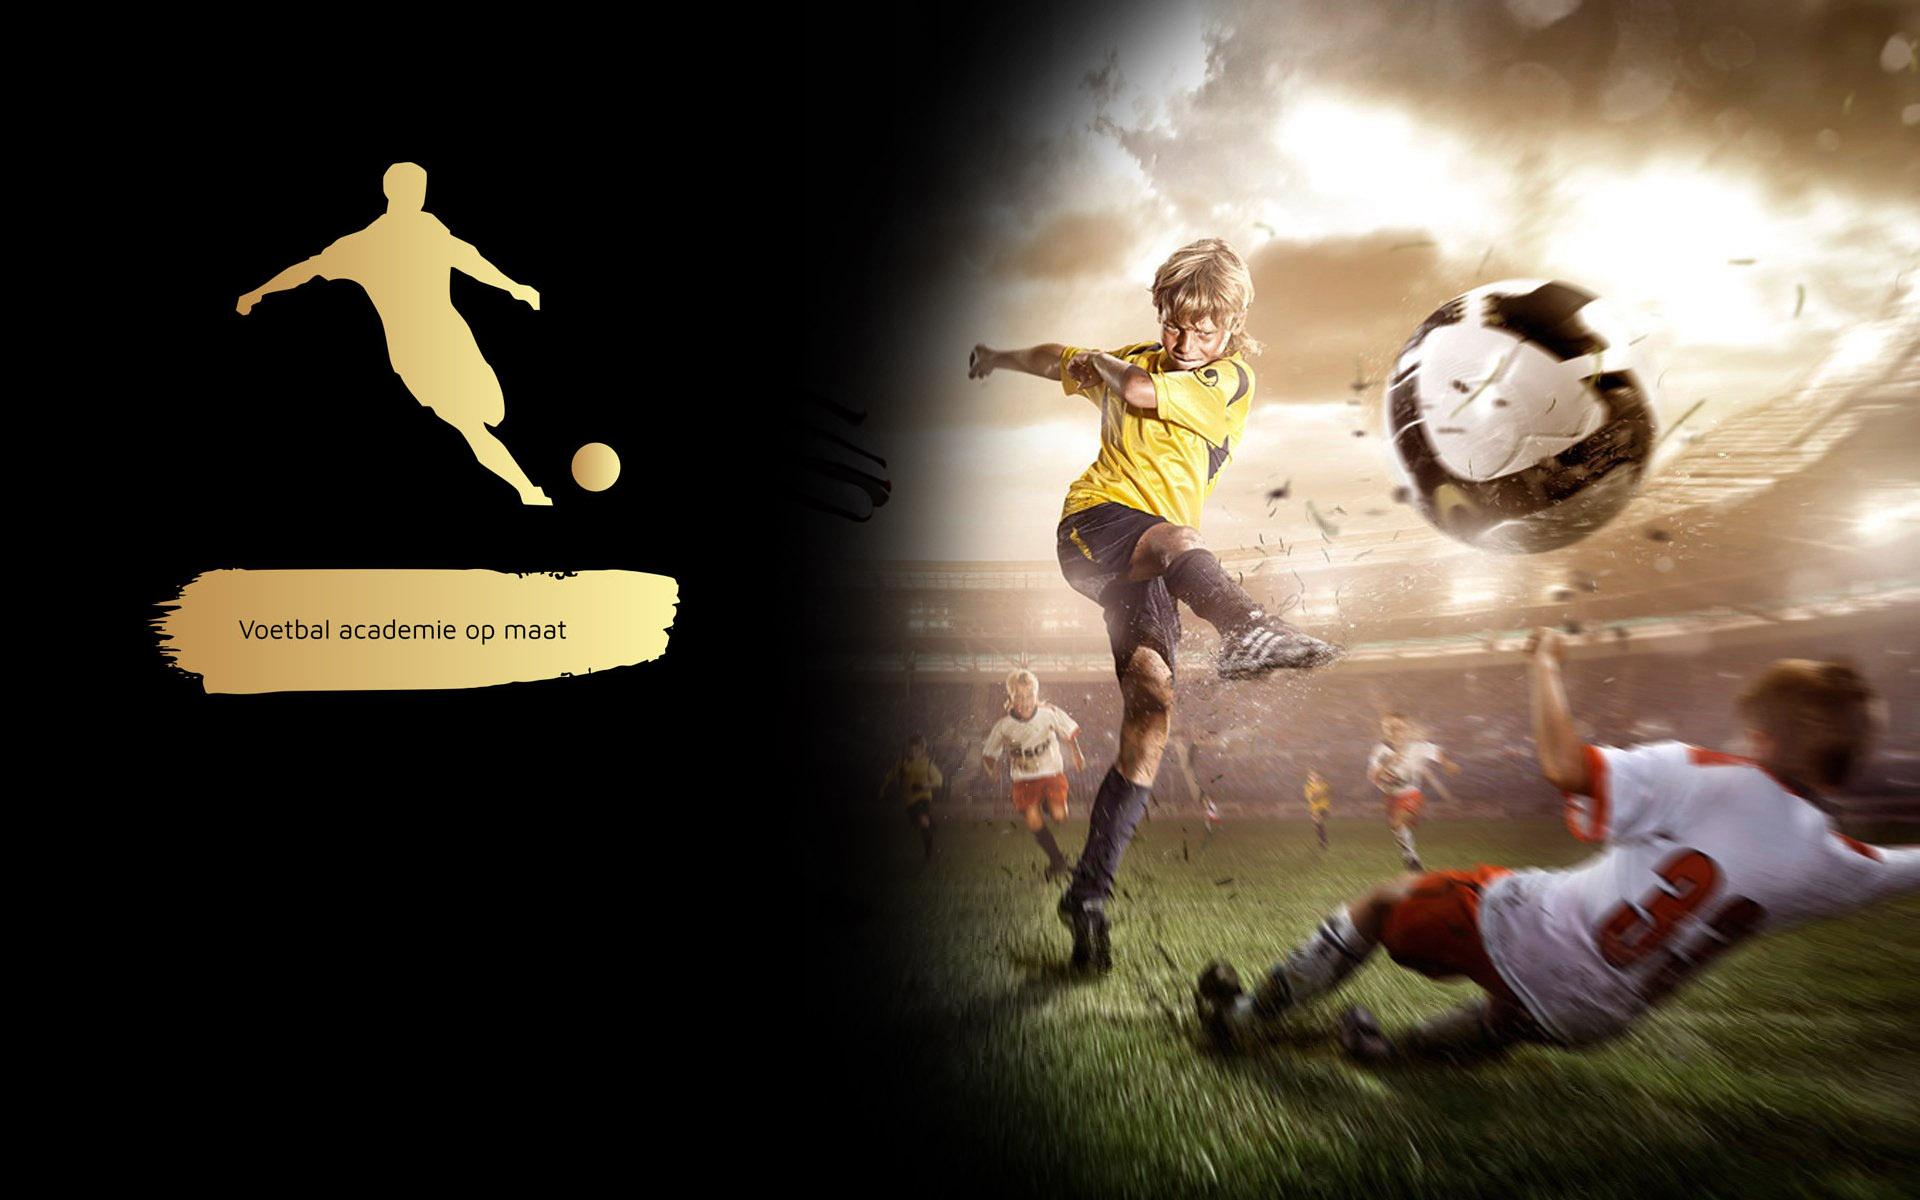 voetbalacademyopmaat